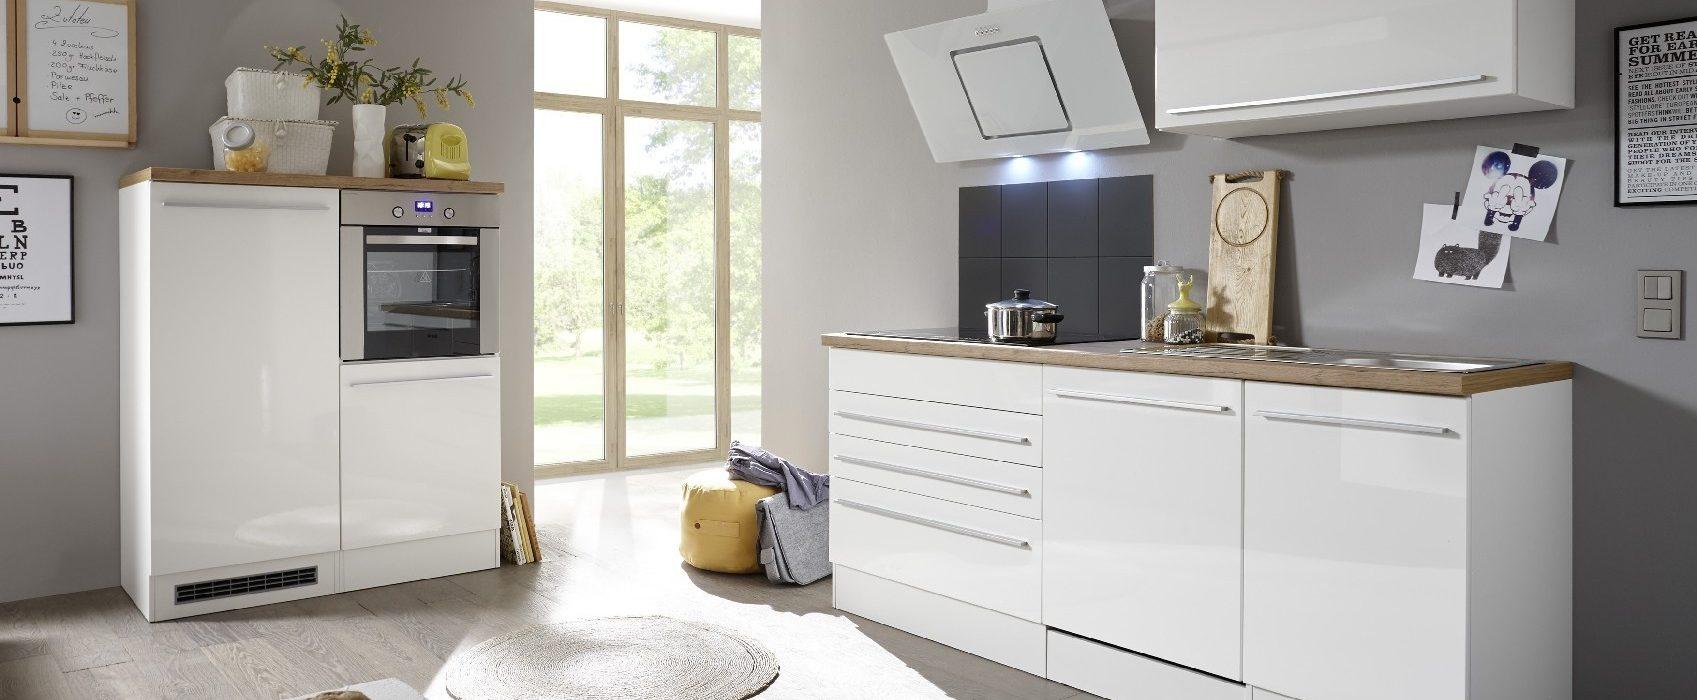 Plaats een kitchenette in jouw woning!